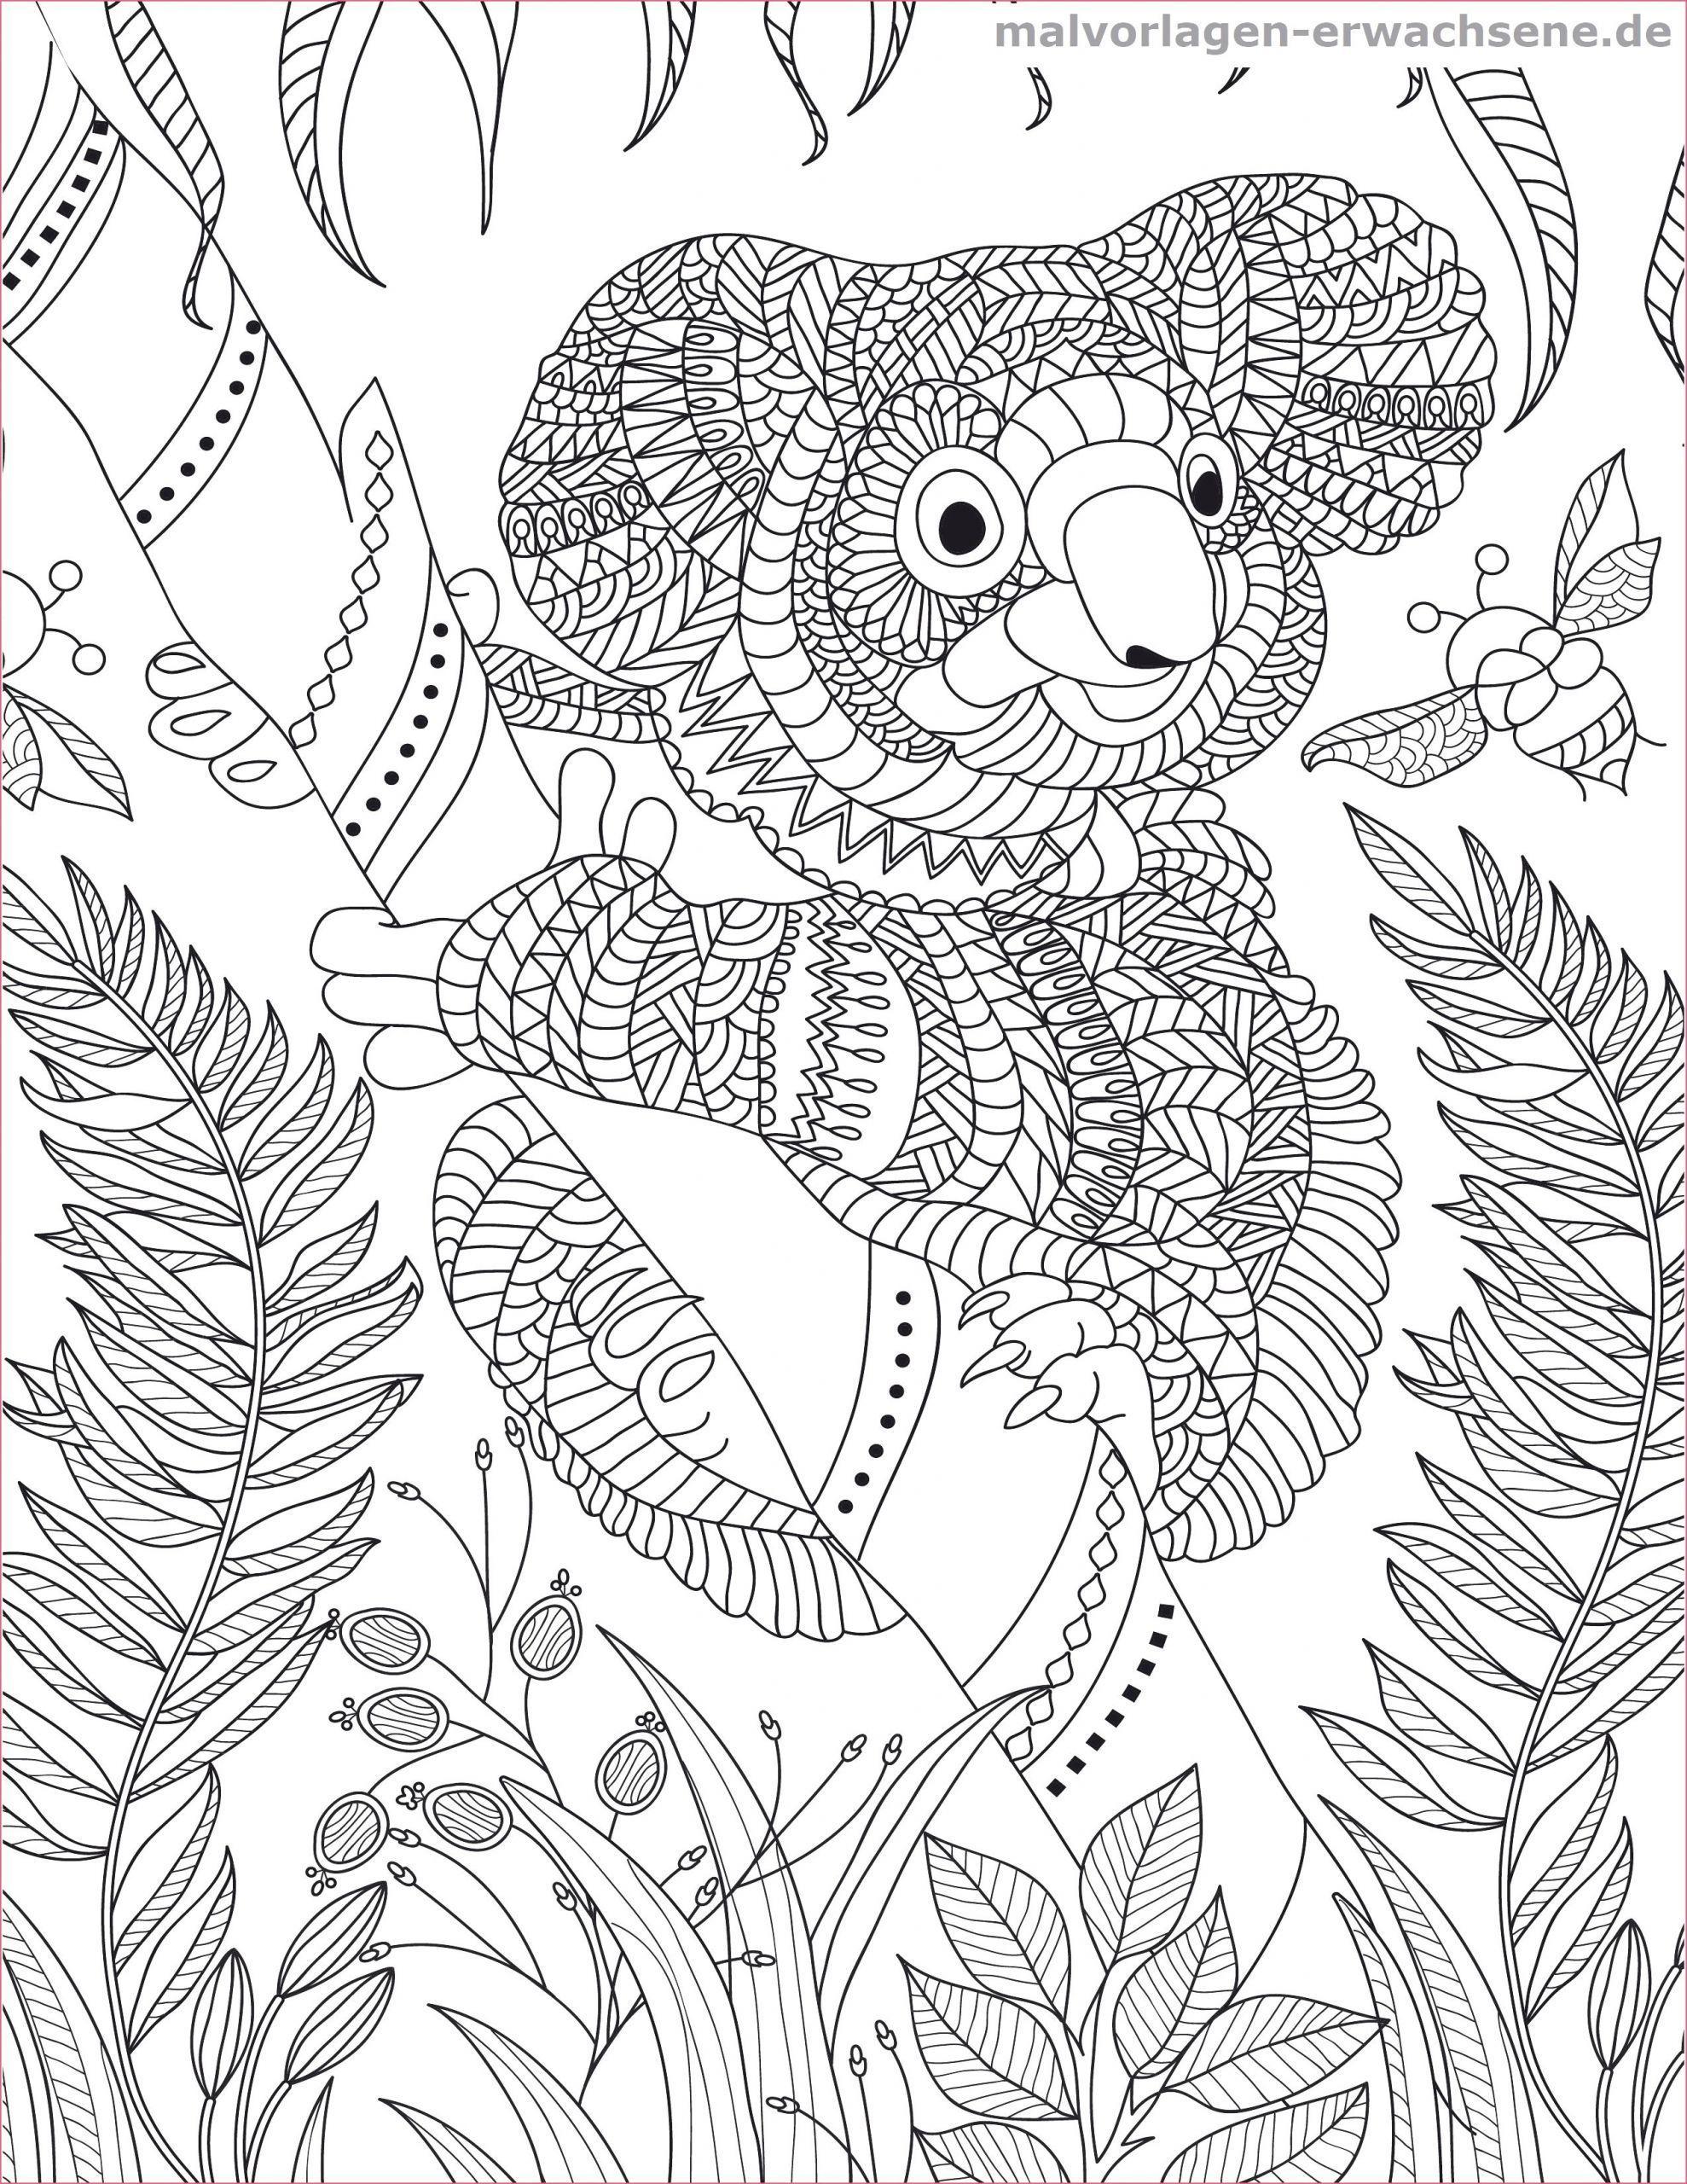 Die Besten Von Papagei Mandala Ausmalbilder Zum Ausdrucken Parrot Mandala Coloring Of Malvorl Bear Coloring Pages Dog Coloring Page Coloring Pages